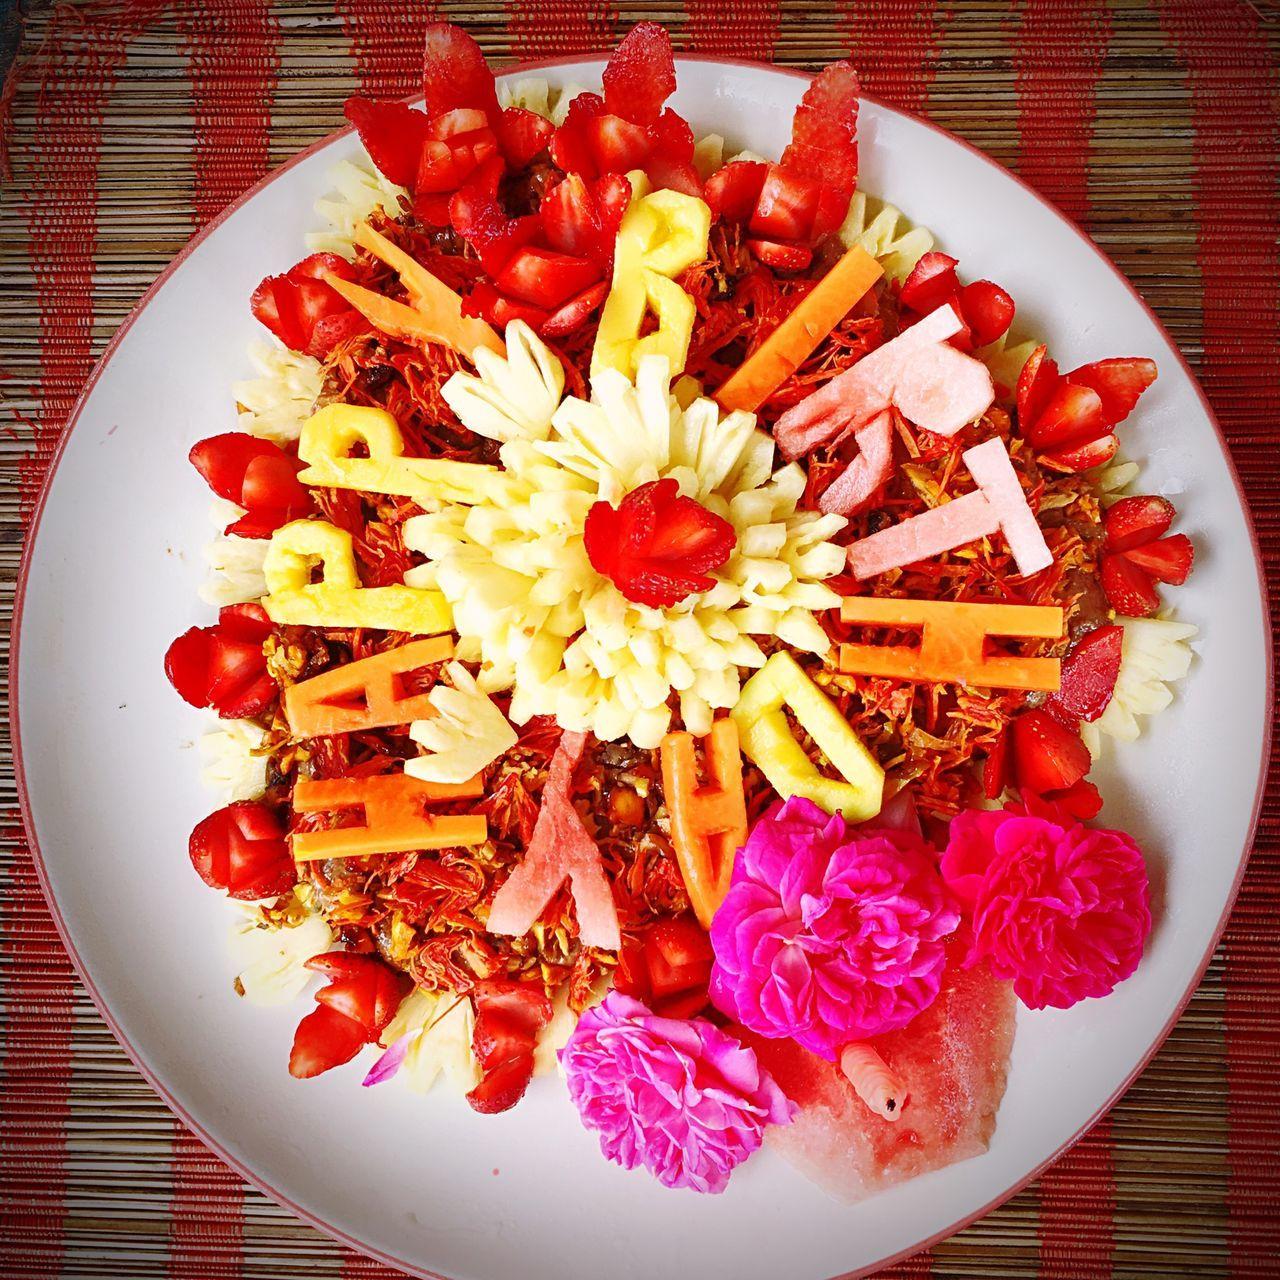 Happy Birthday cake Balistyle A healthy EyeEm